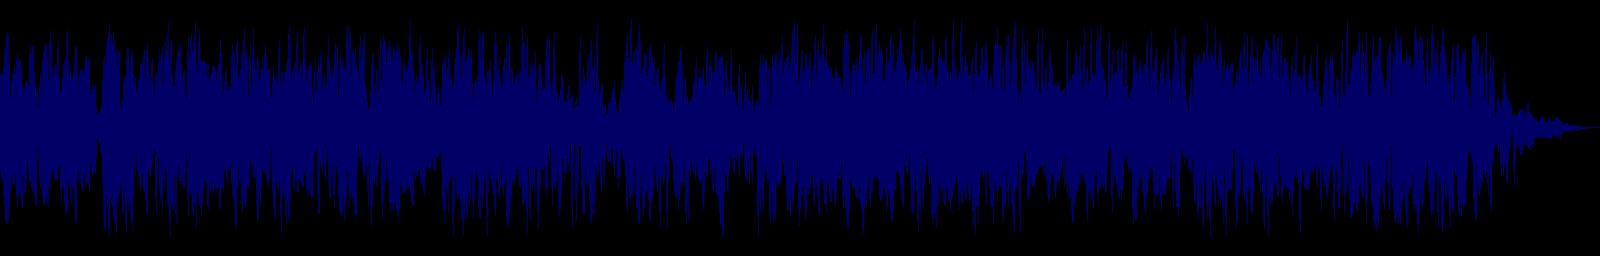 waveform of track #132304